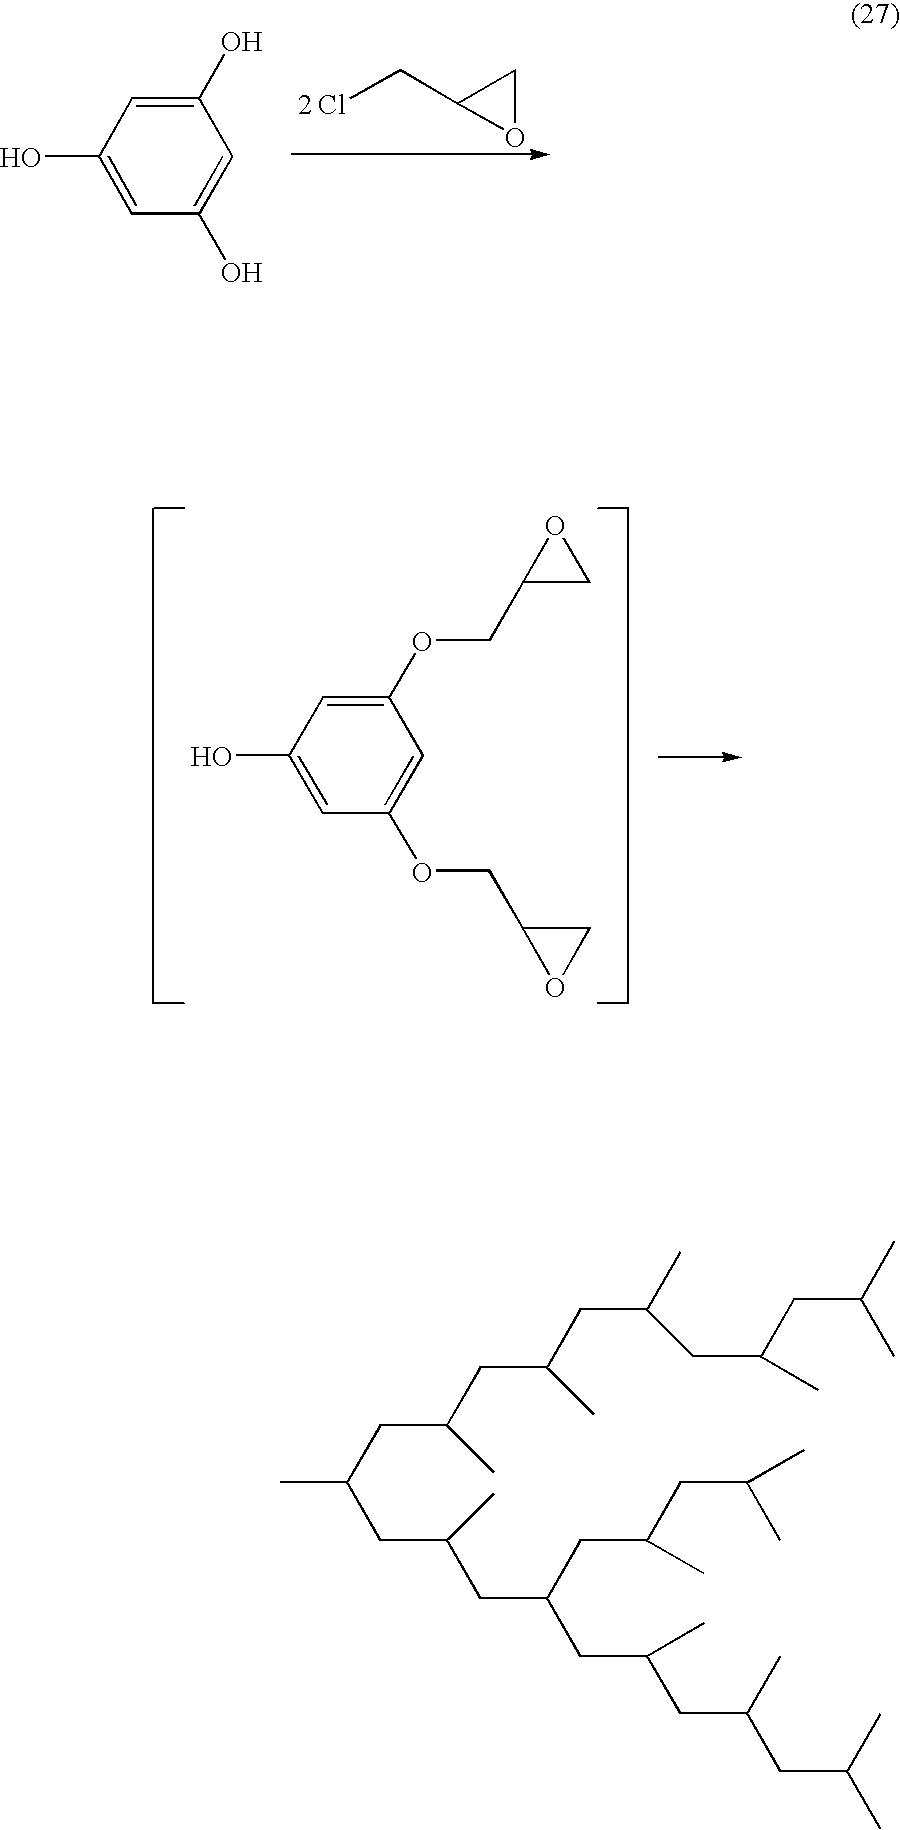 Figure US20100271428A1-20101028-C00026